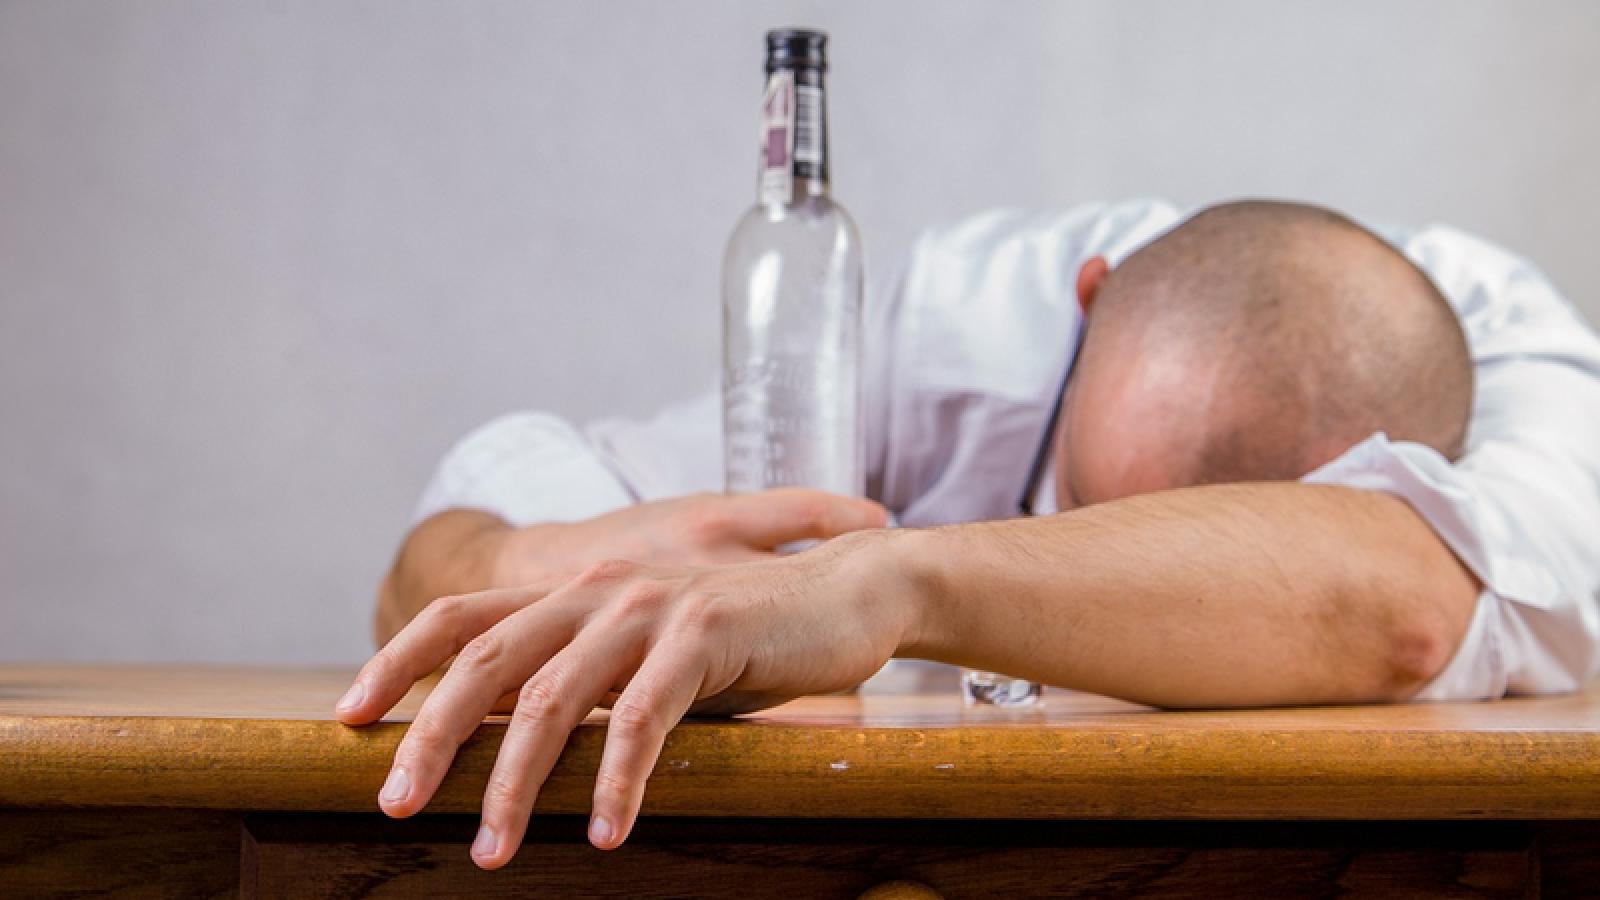 Пьяная выходка может стоить вологжанину почти 30 тысяч рублей